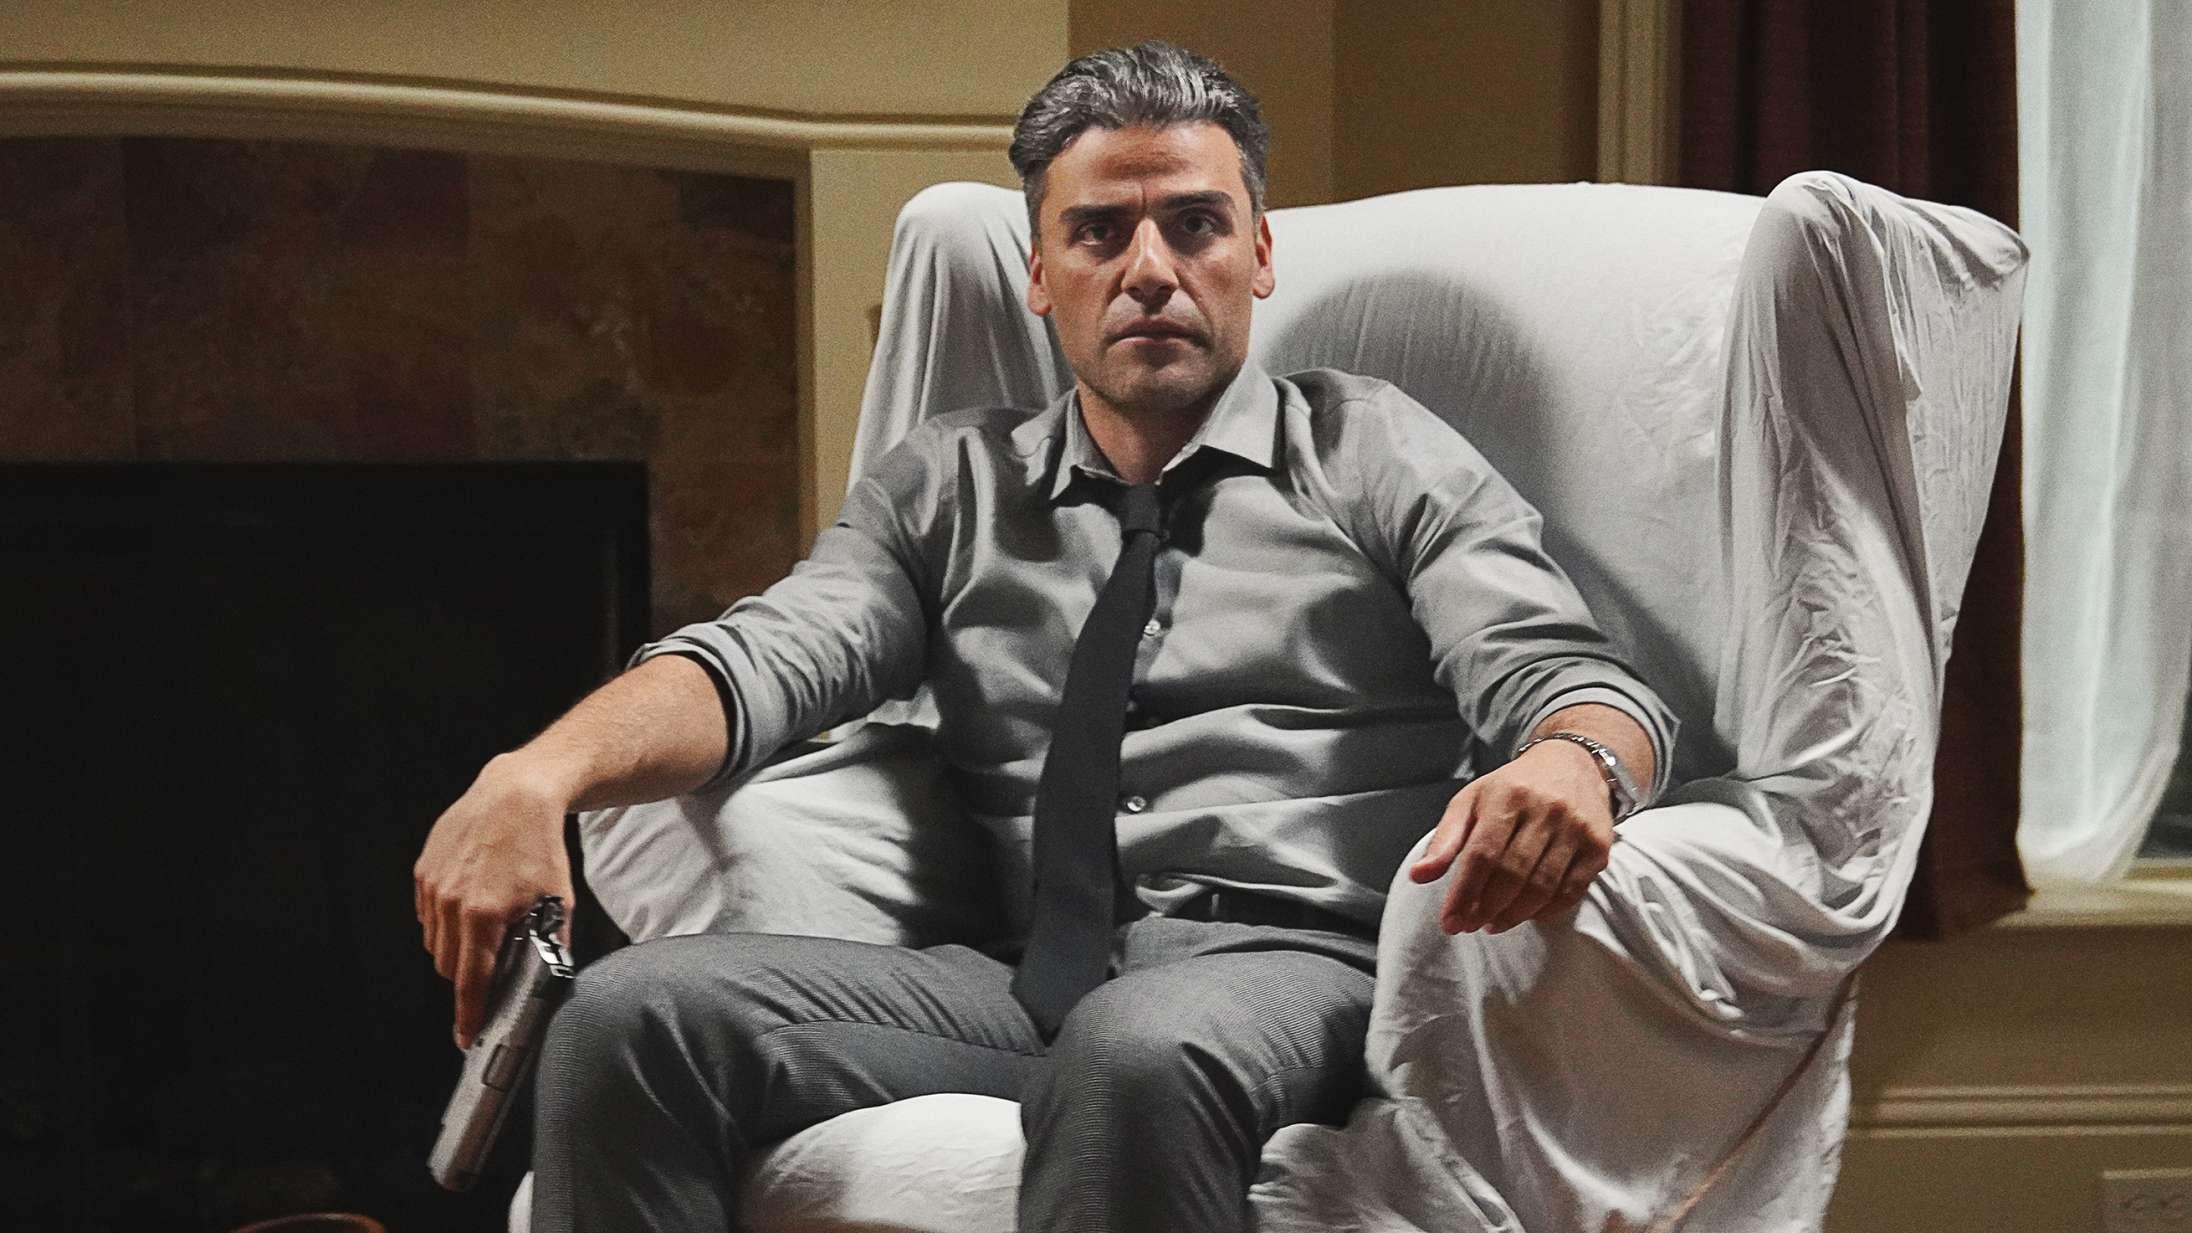 Soundvenue Live: Kom til forpremiere på 'The Card Counter' med Oscar Isaac i pokerspillende kraftpræstation